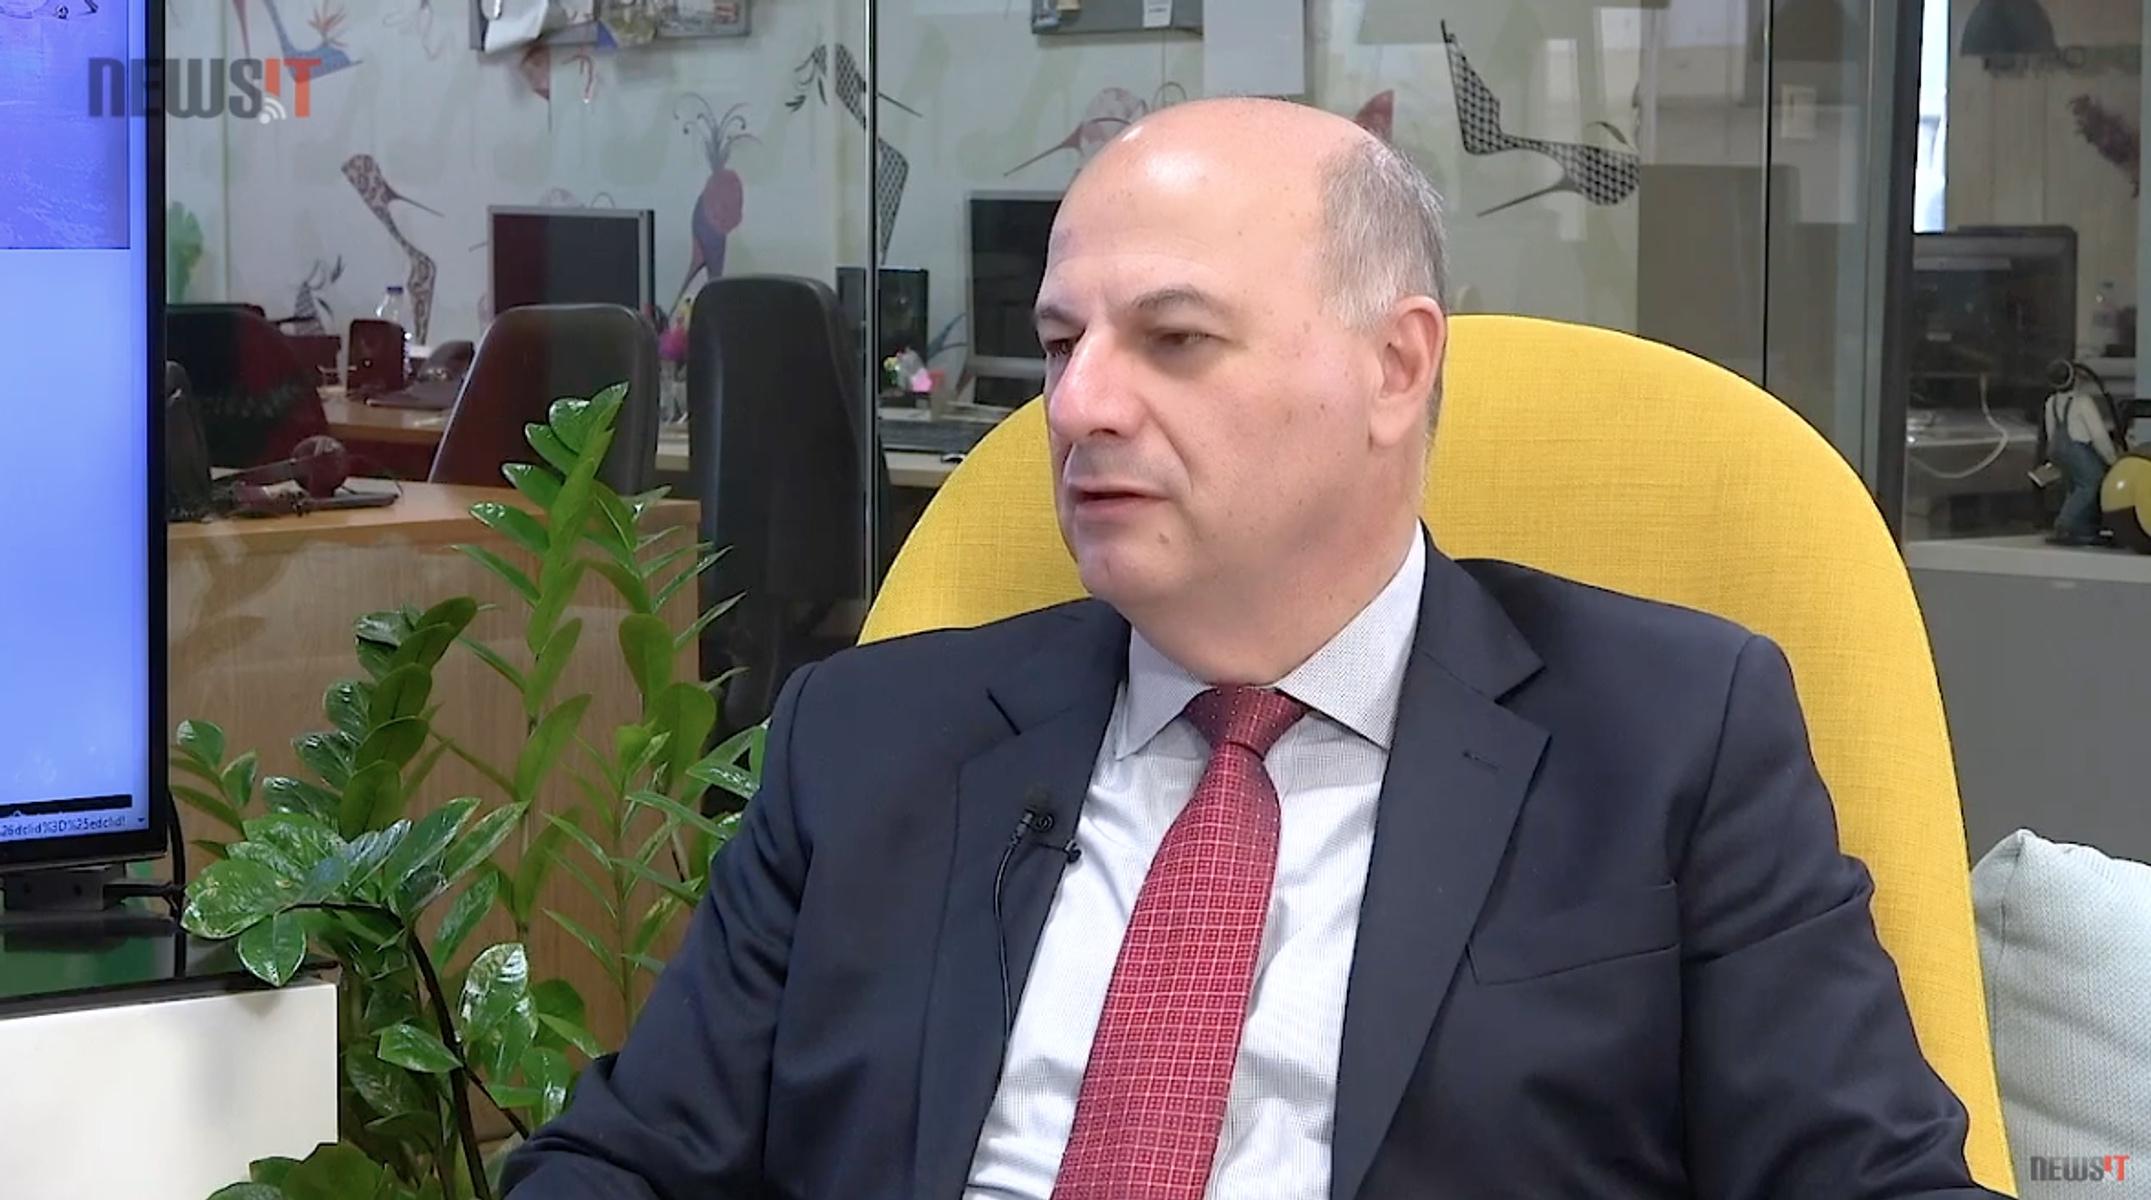 Υπουργός Δικαιοσύνης στο newsit.gr: «Να μπουν όρια στο καθεστώς προστατευόμενων μαρτύρων»